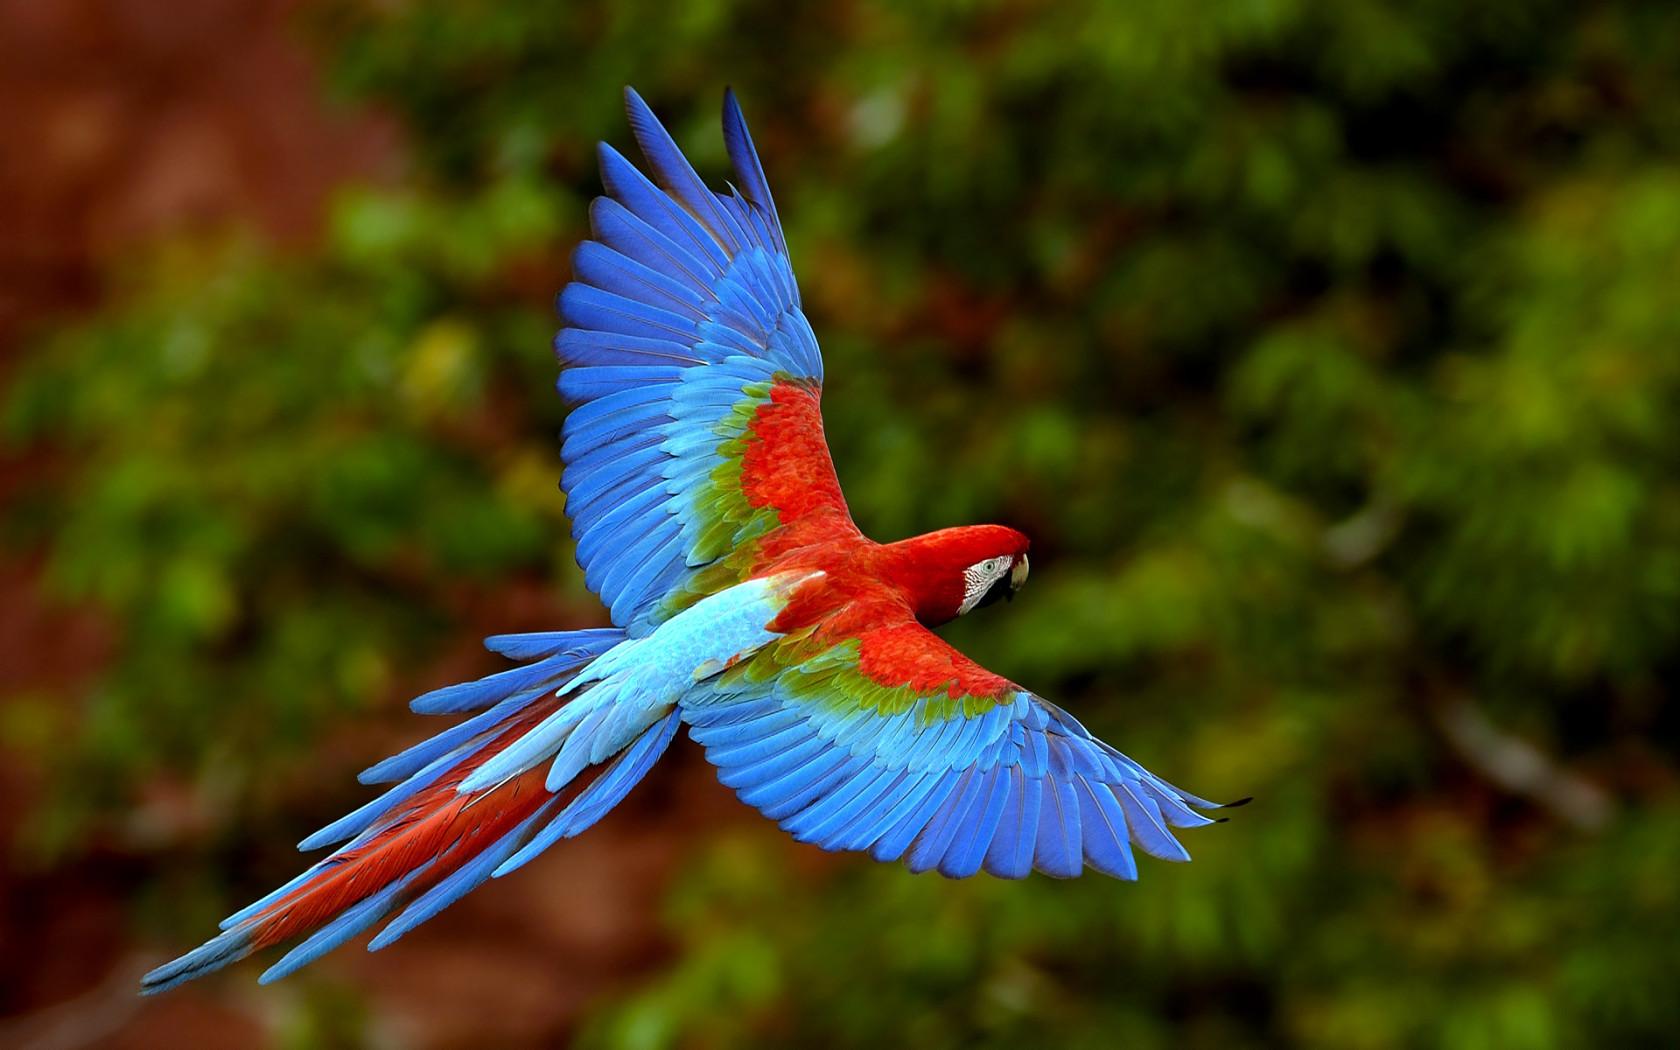 сине-красный красивый попугай летит с раскрытыми крыльями на фоне деревьев, скачать фото, обои для рабочего стола